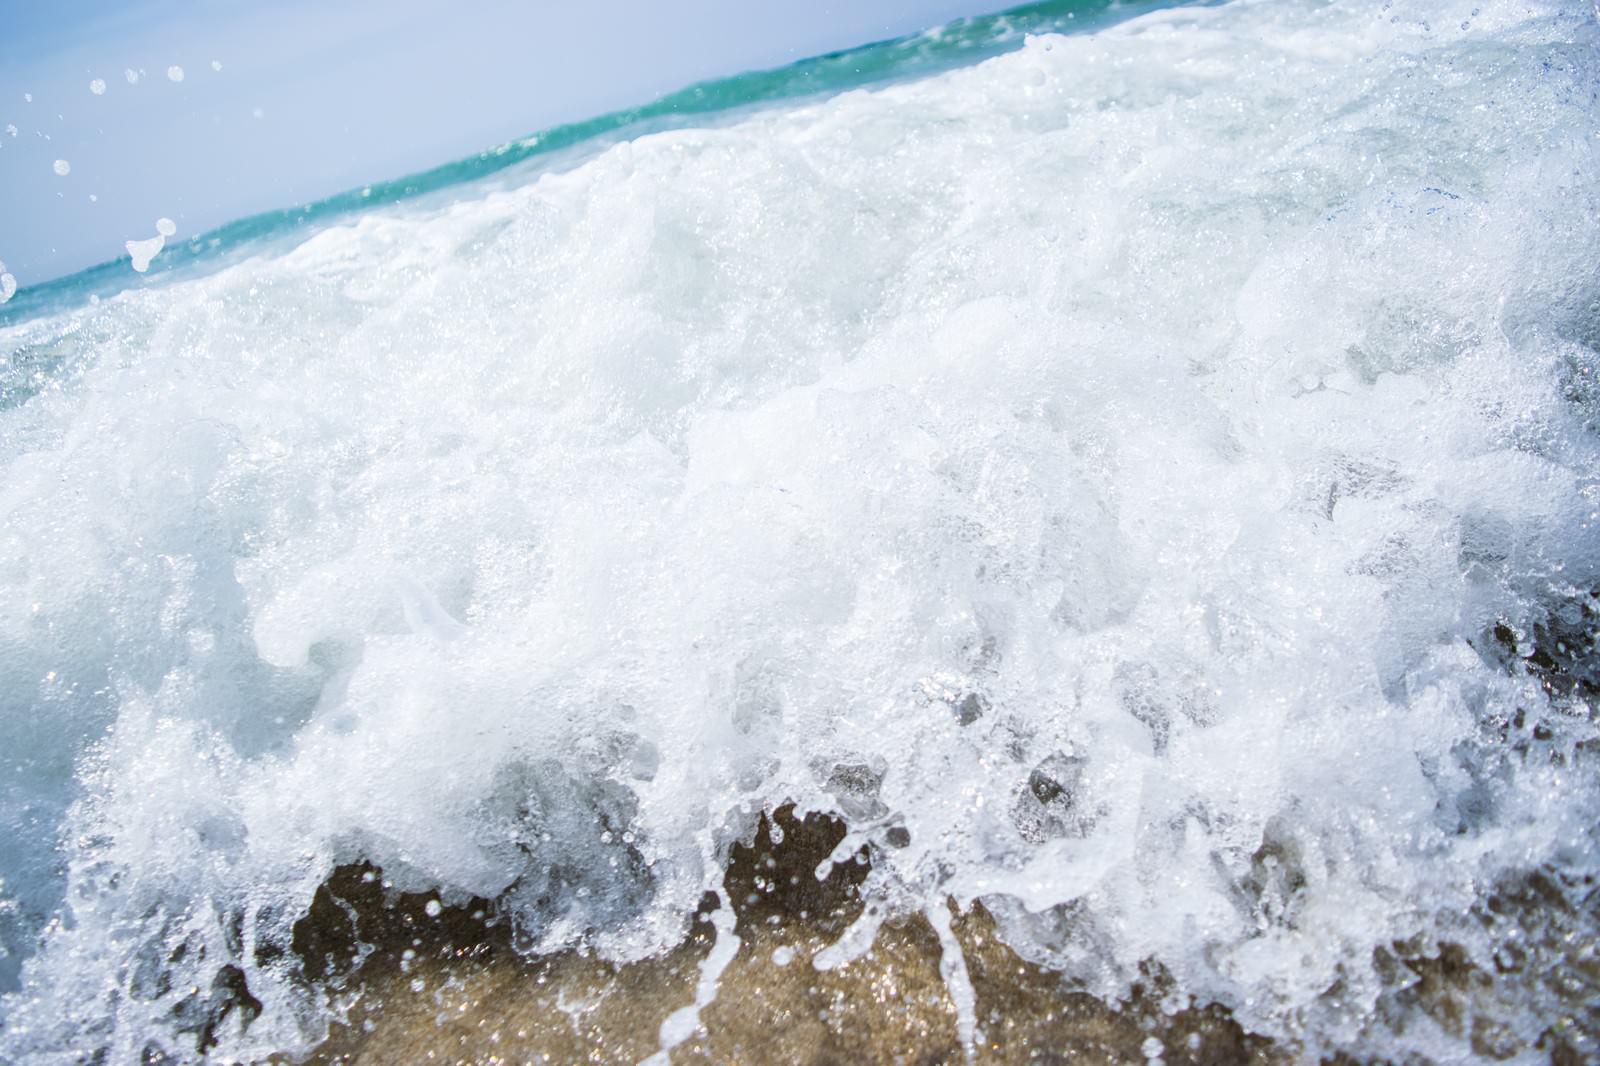 「勢いがある波打ち際のシーン」の写真